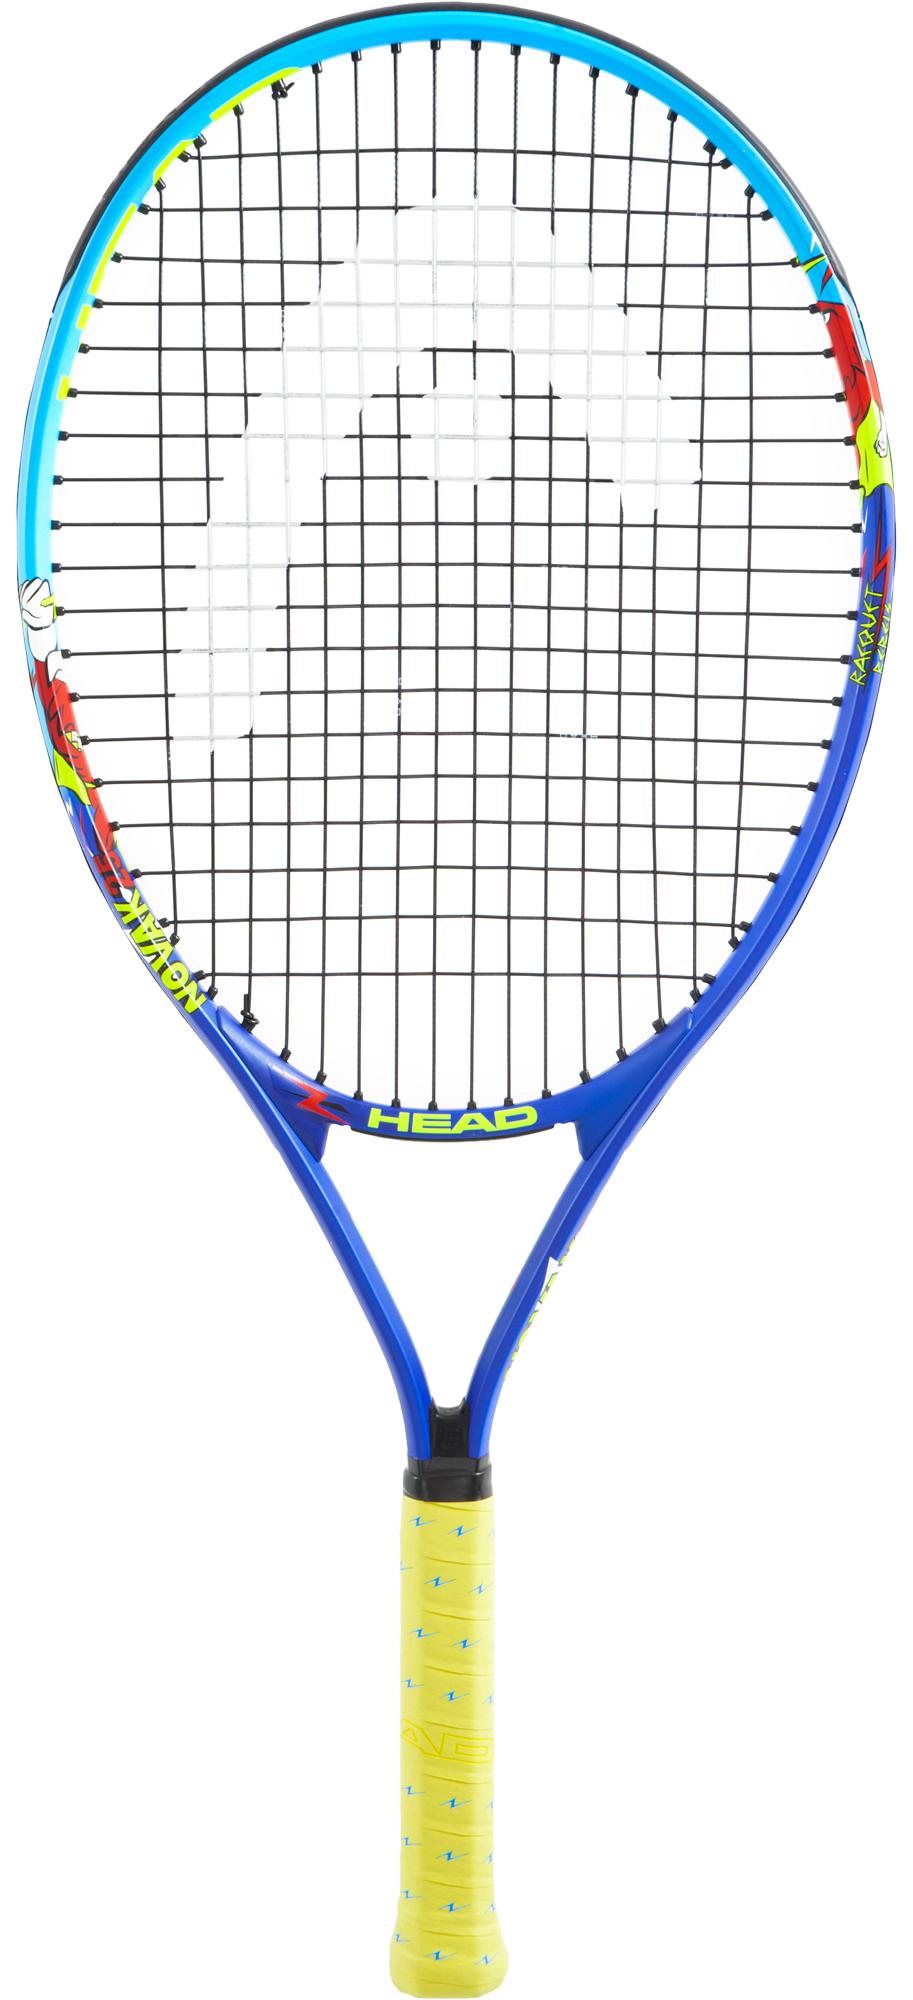 Head Ракетка для большого тенниса детская Head Novak 25 head ракетка для большого тенниса детская head novak 19 размер без размера